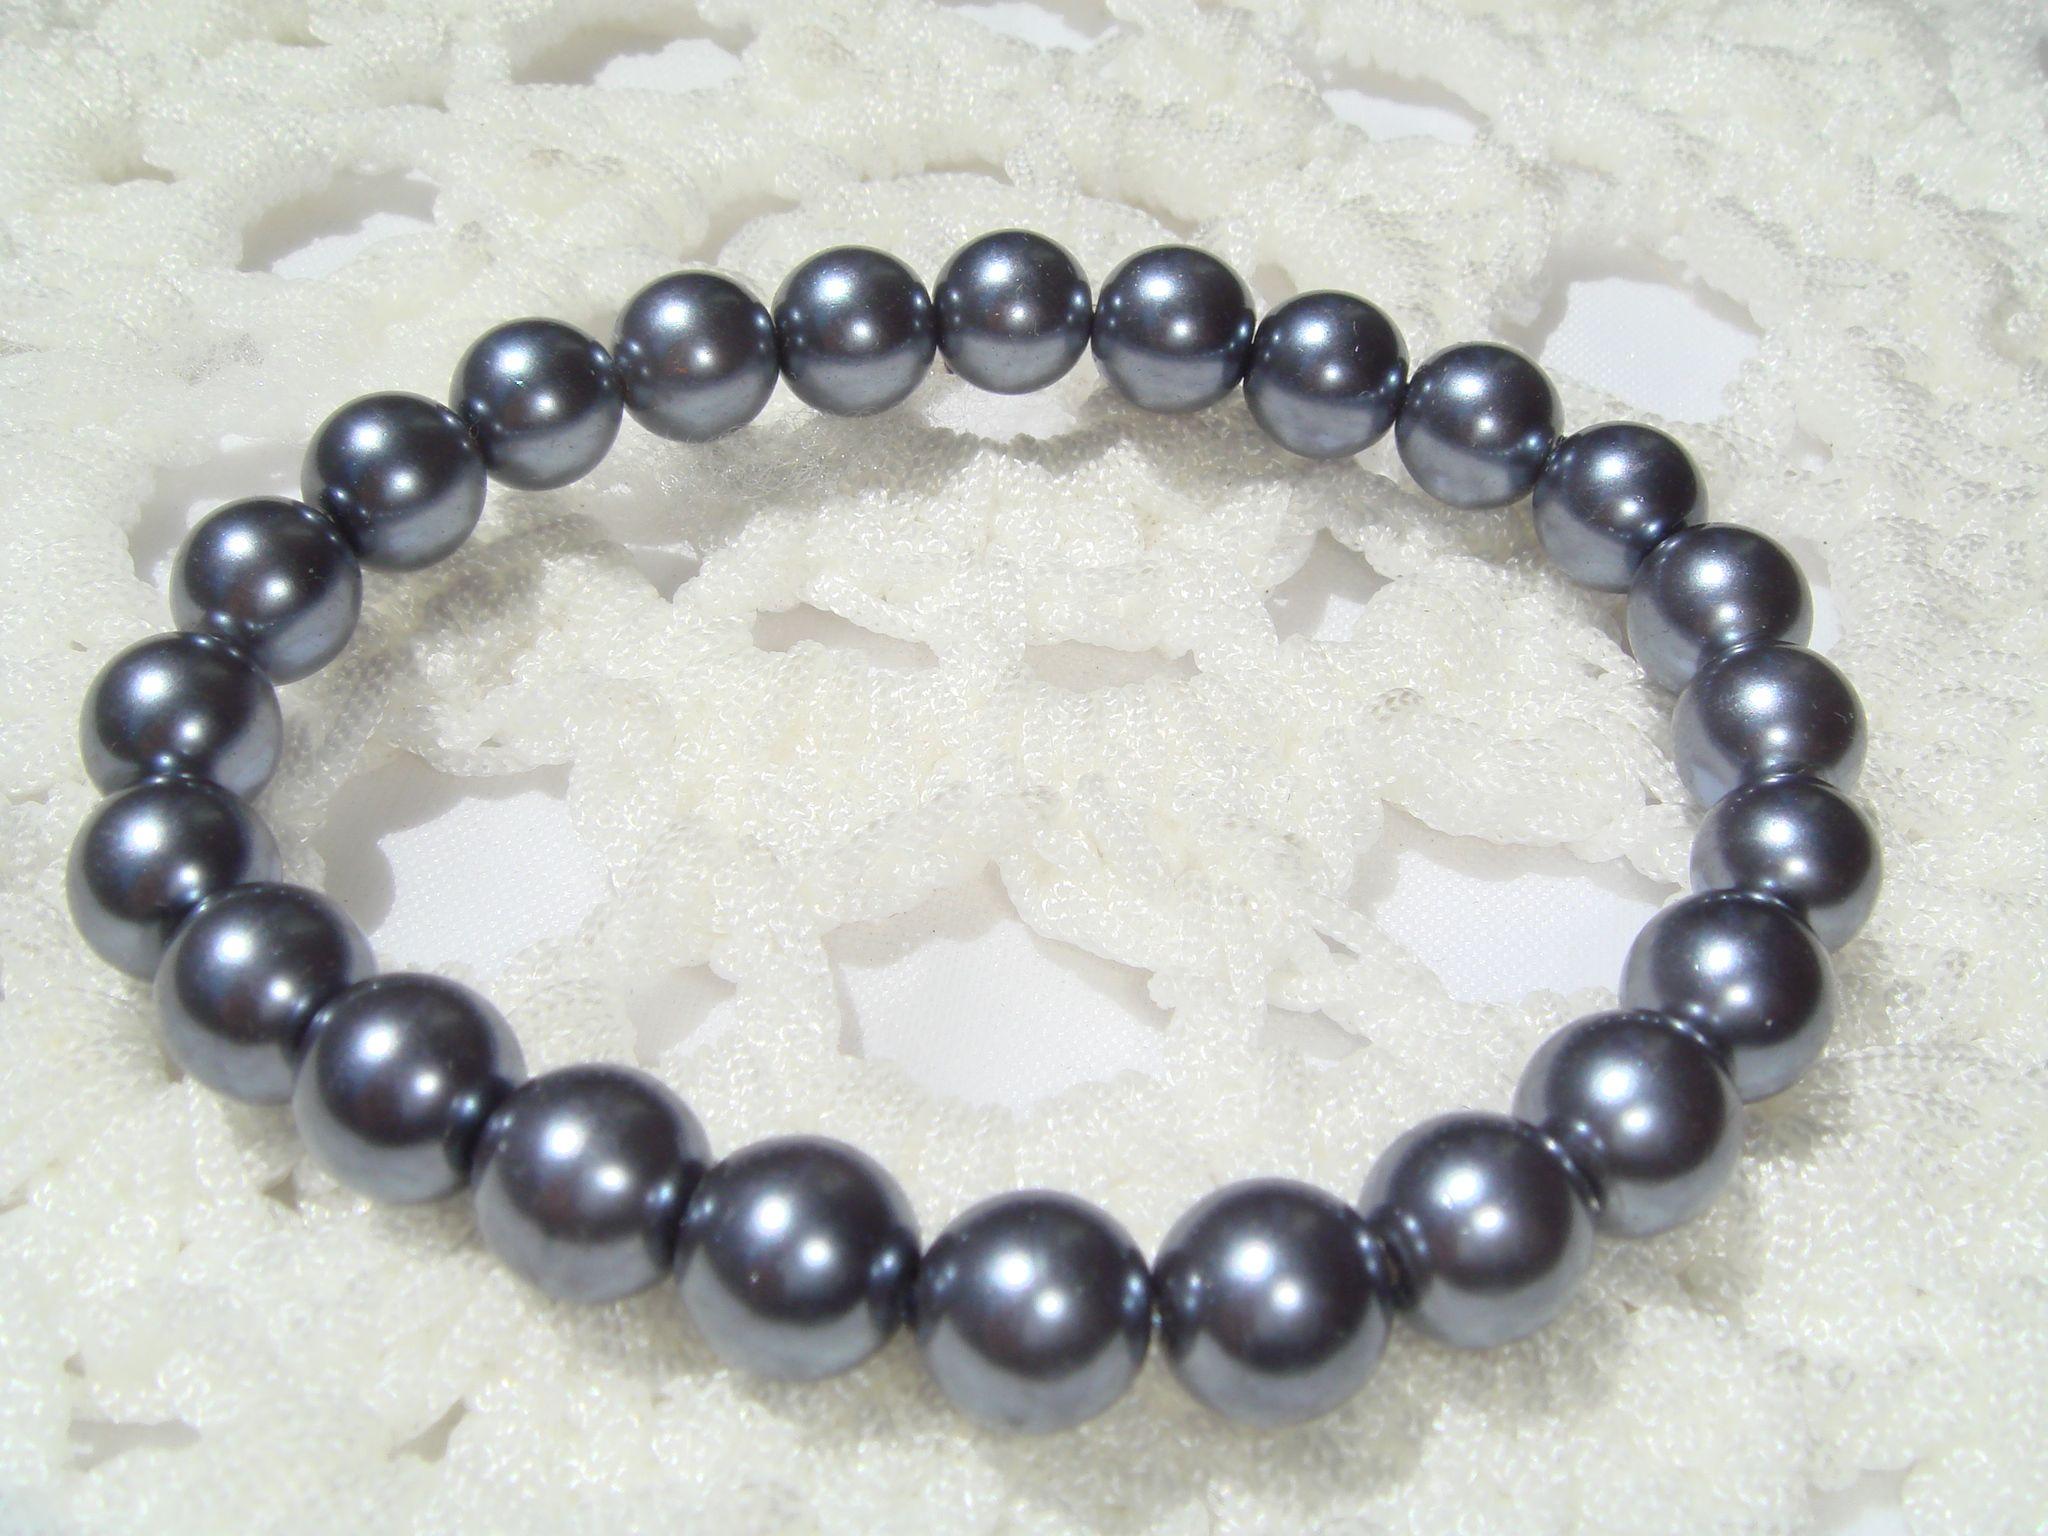 欧美外贸饰品  灰色  玻璃珍珠  质感   手链  1305